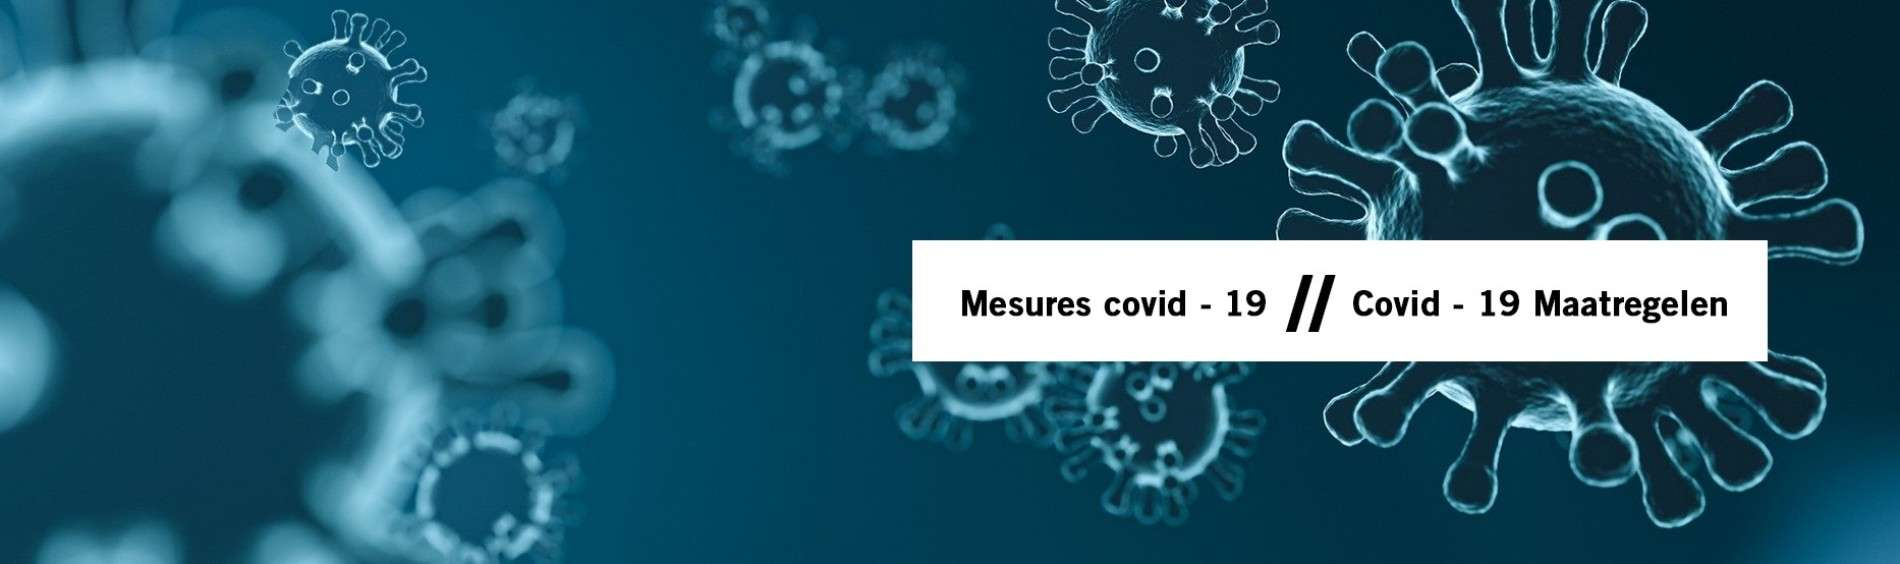 Covid - 19 Maatregelen